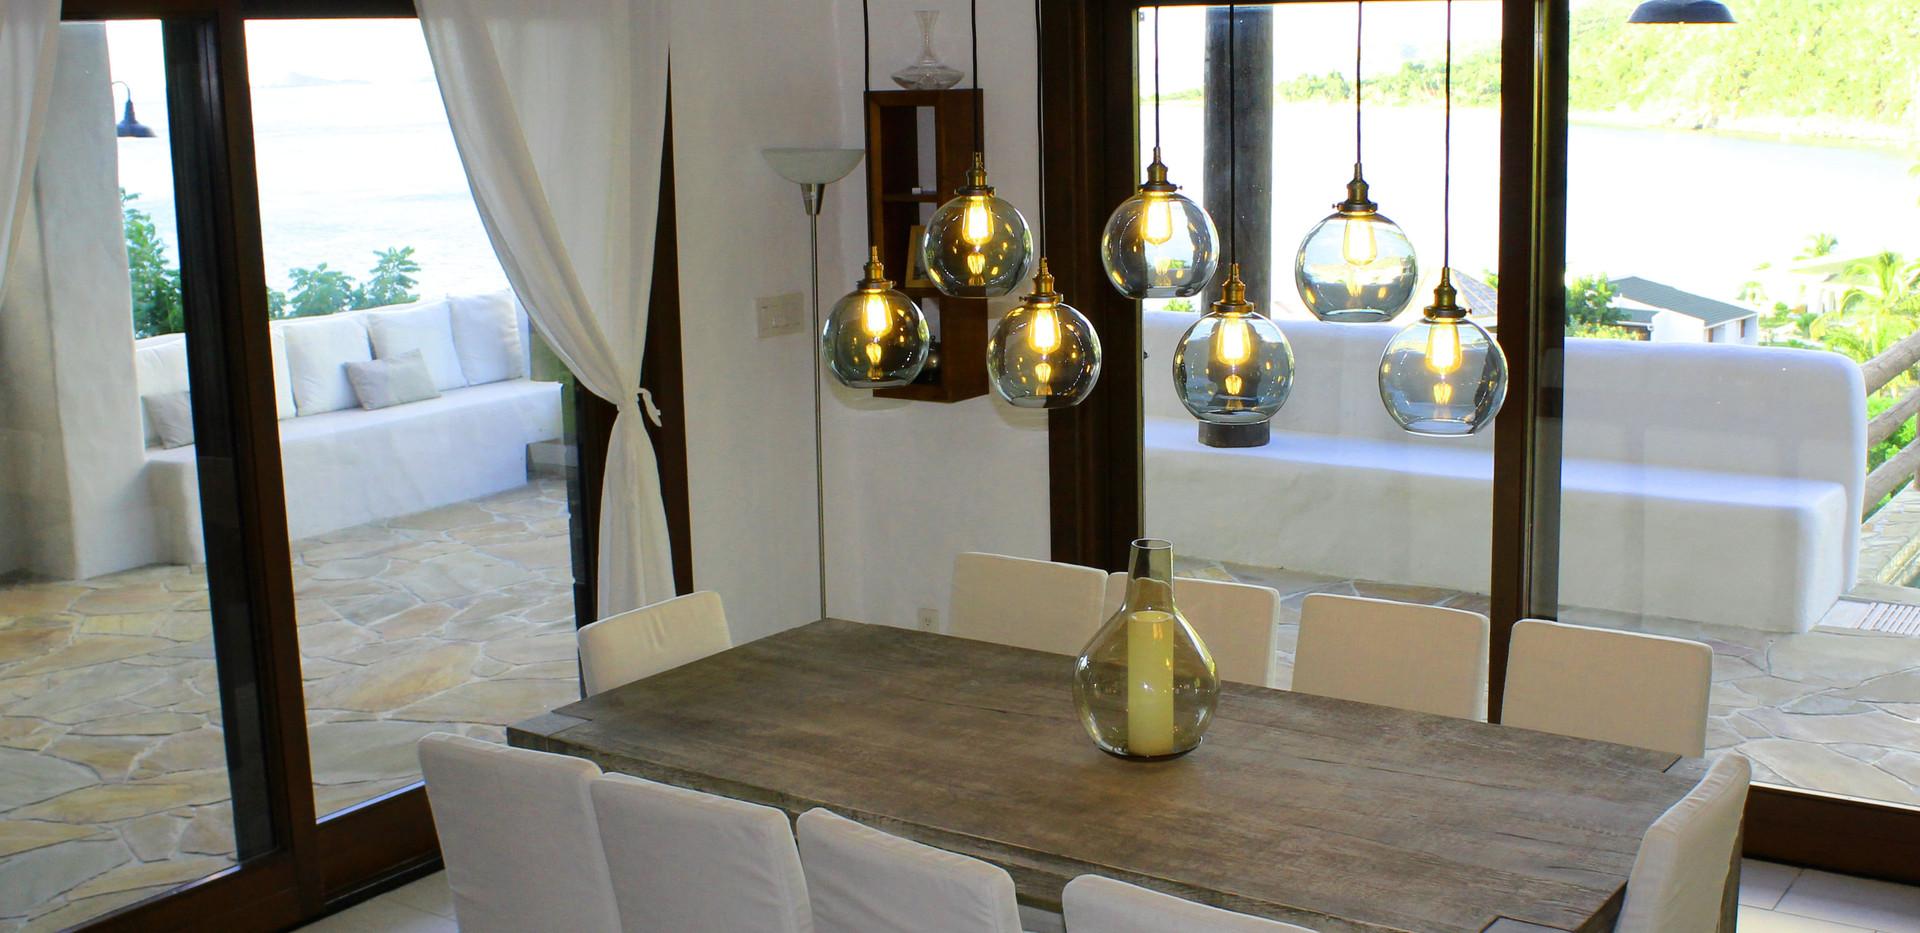 Sparta dining area